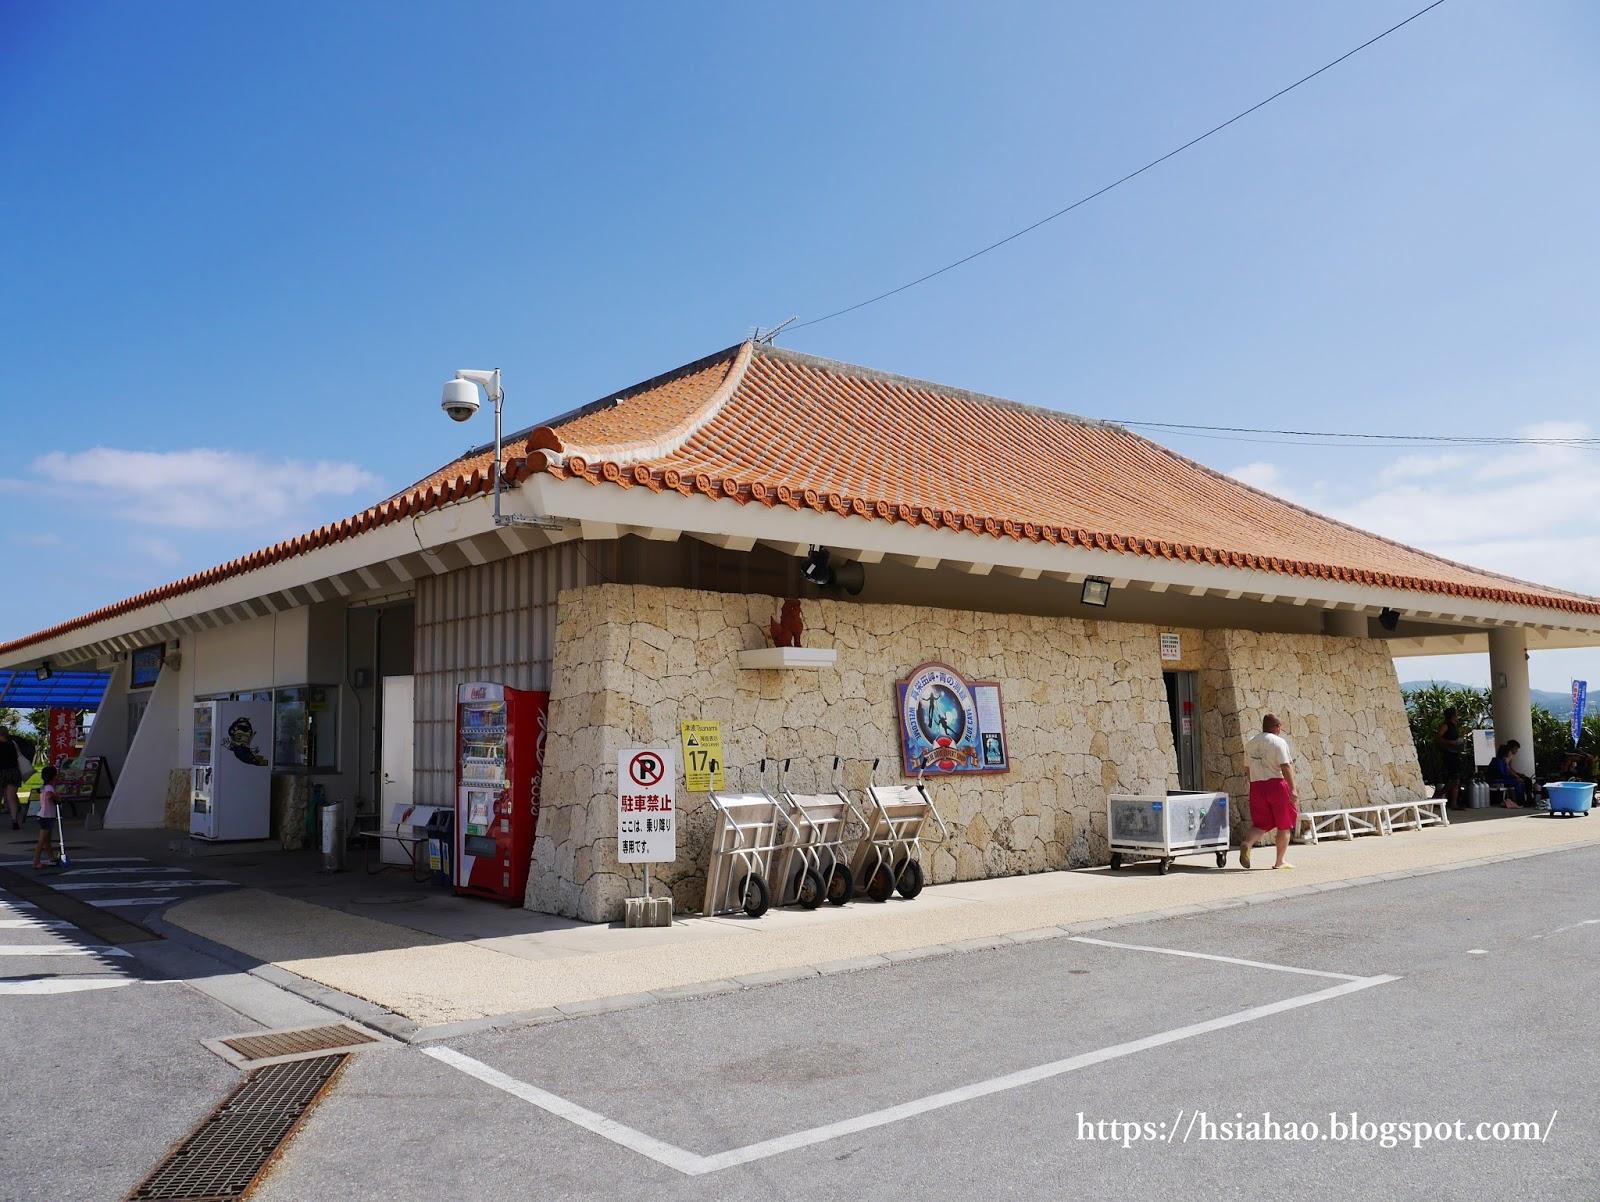 沖繩-景點-餐廳-真榮田岬-青之洞窟-真榮田岬潛水-真榮田岬浮潛-青之洞窟潛水-青之洞窟浮潛-青の洞窟-自由行-旅遊-Okinawa-diving-snorkeling-maeda-cape-blue-cave